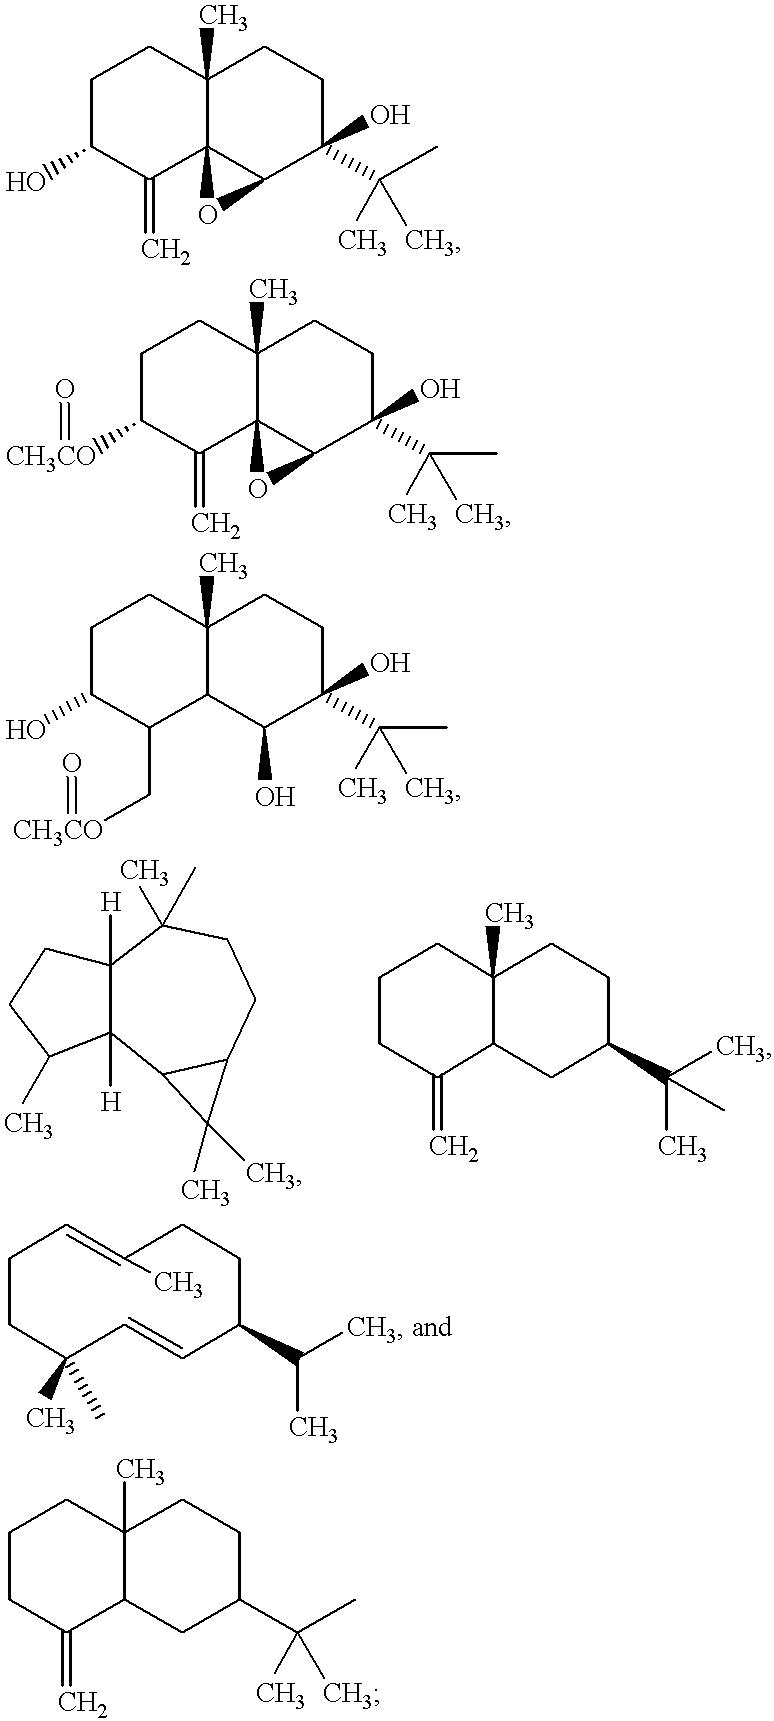 Figure US06225342-20010501-C00010